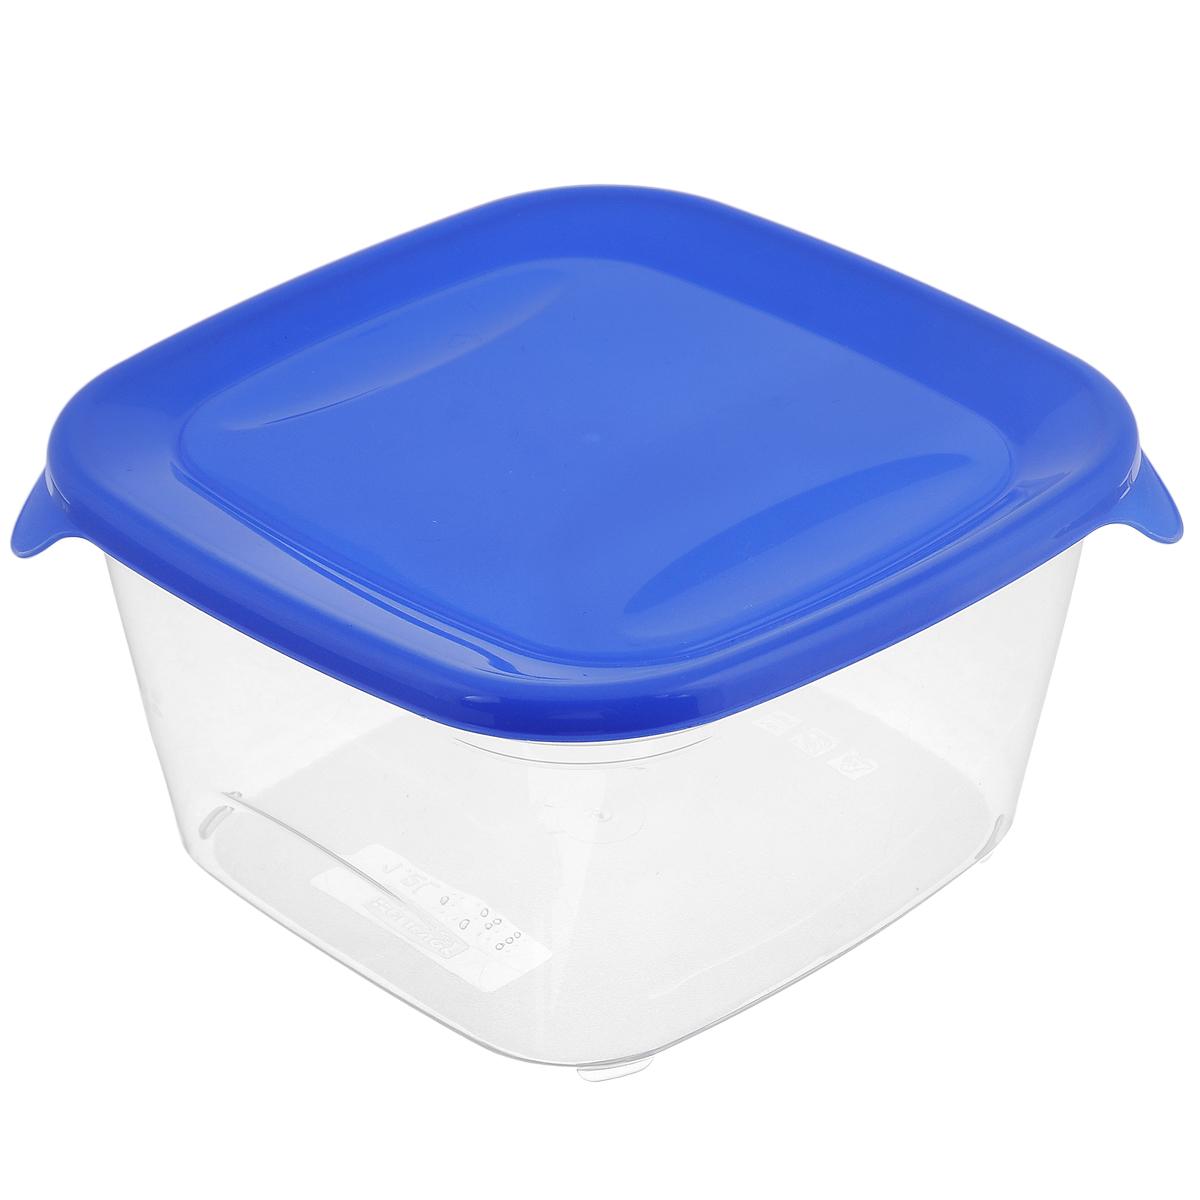 Емкость для заморозки и СВЧ Curver Fresh & Go, цвет: синий, 1,2 л00560-139-01Квадратная емкость для заморозки и СВЧ Curver Fresh & Go изготовлена из высококачественного пищевого пластика (BPA free), который выдерживает температуру от -40°С до +100°С. Стенки емкости прозрачные, а крышка цветная. Она плотно закрывается, дольше сохраняя продукты свежими и вкусными. Емкость удобно брать с собой на работу, учебу, пикник или просто использовать для хранения пищи в холодильнике. Можно использовать в микроволновой печи и для заморозки в морозильной камере. Можно мыть в посудомоечной машине.